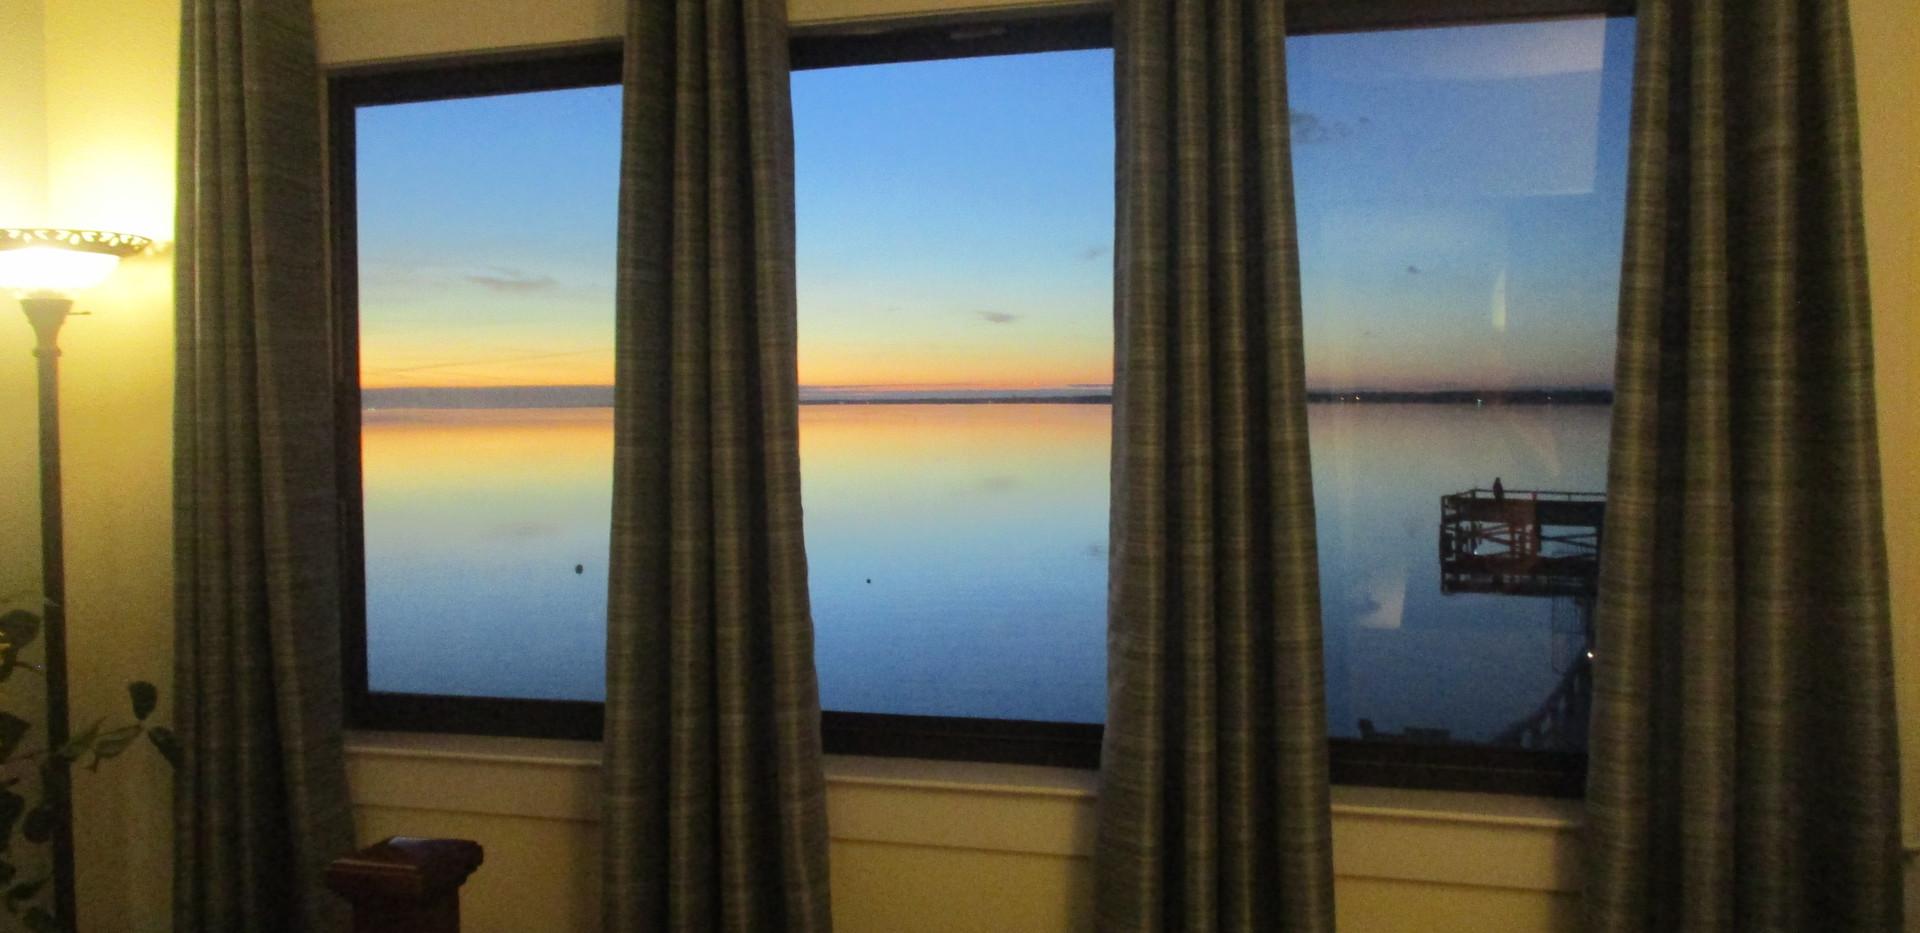 Beautiful sunset from window